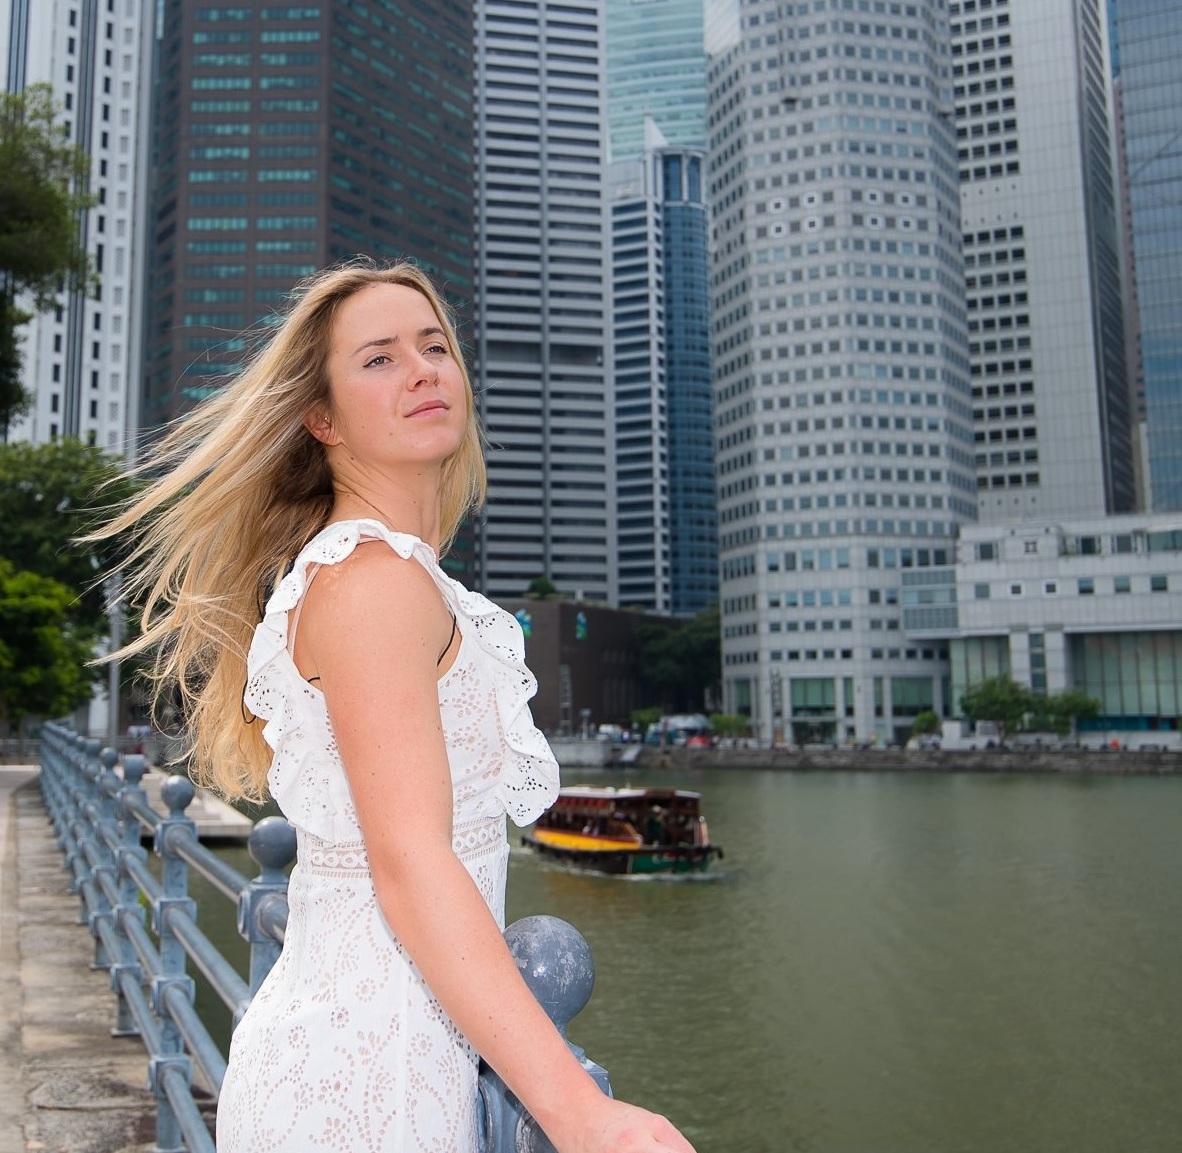 Стали известны соперницы Свитолиной наИтоговом турнире WTA